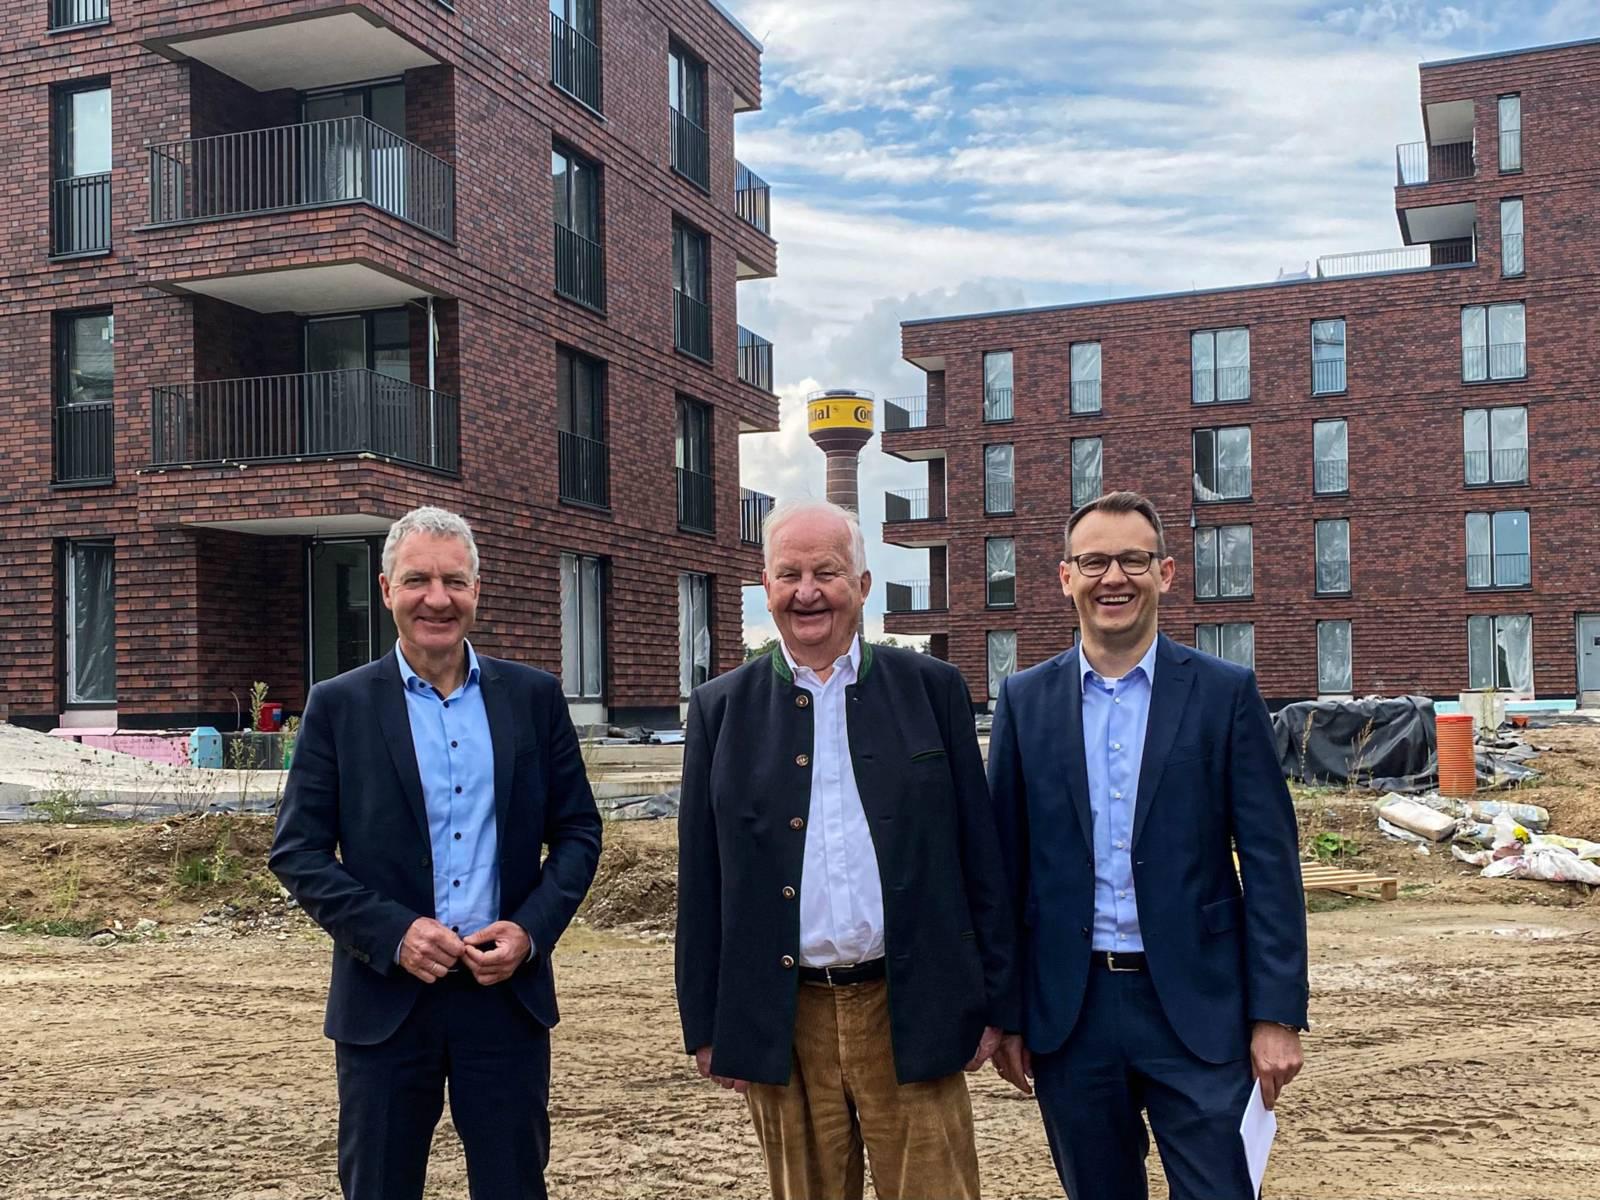 Drei Männer zwischen Gebäuden.